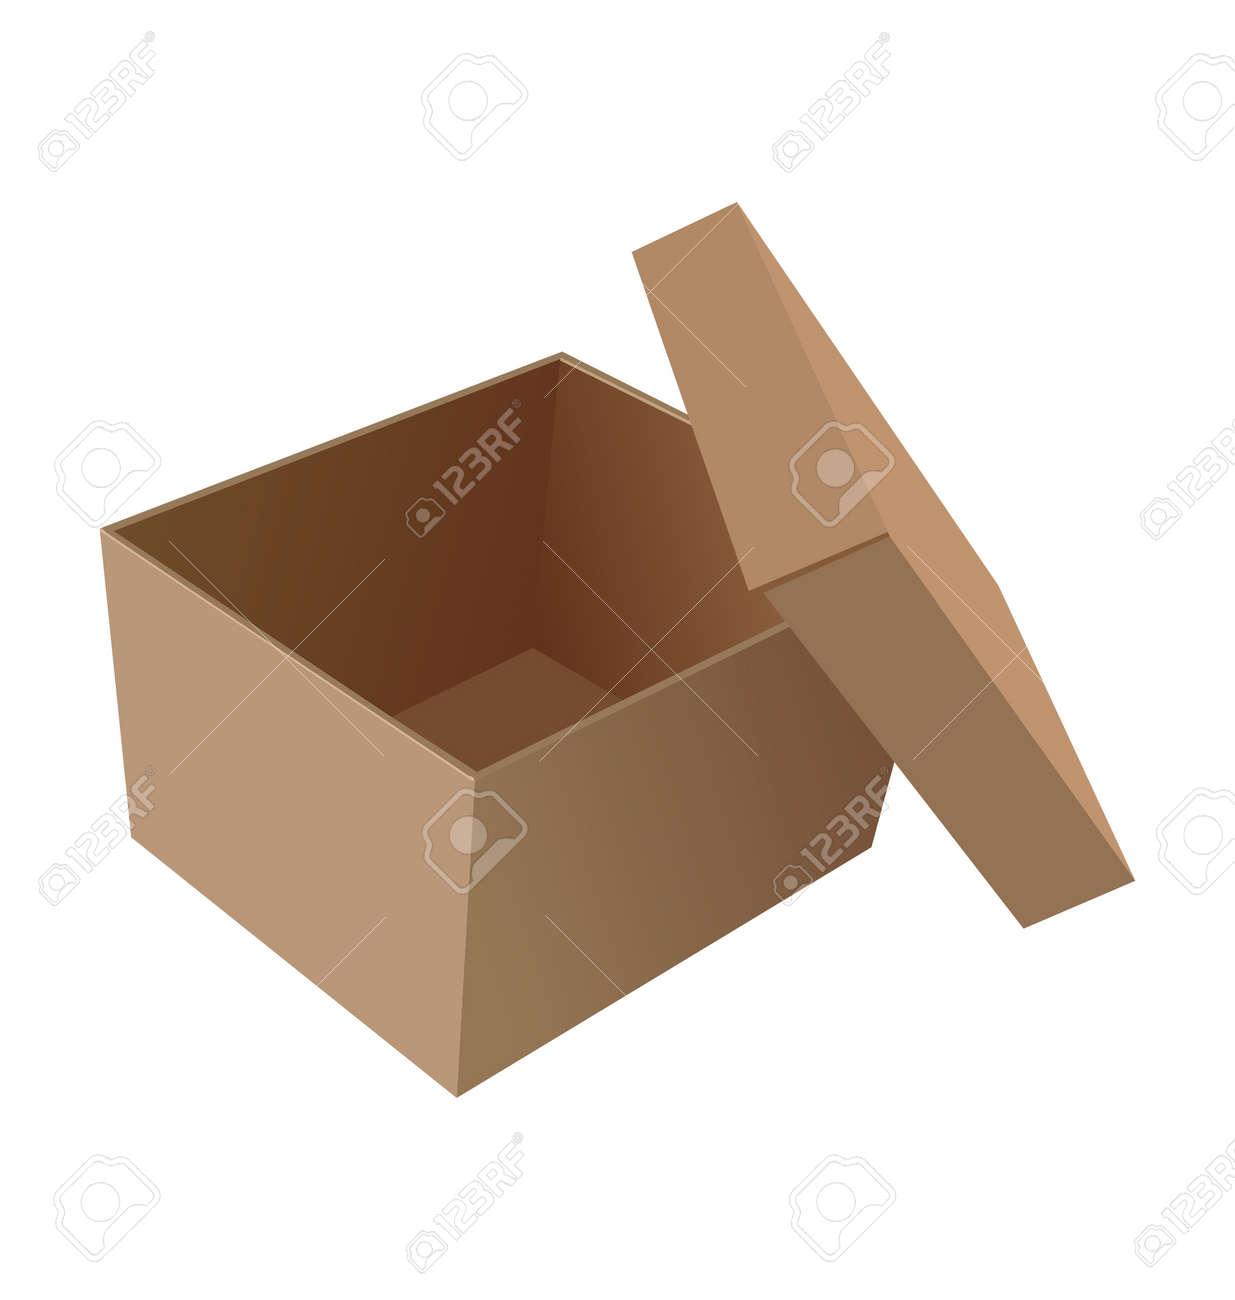 open box Stock Vector - 7588949